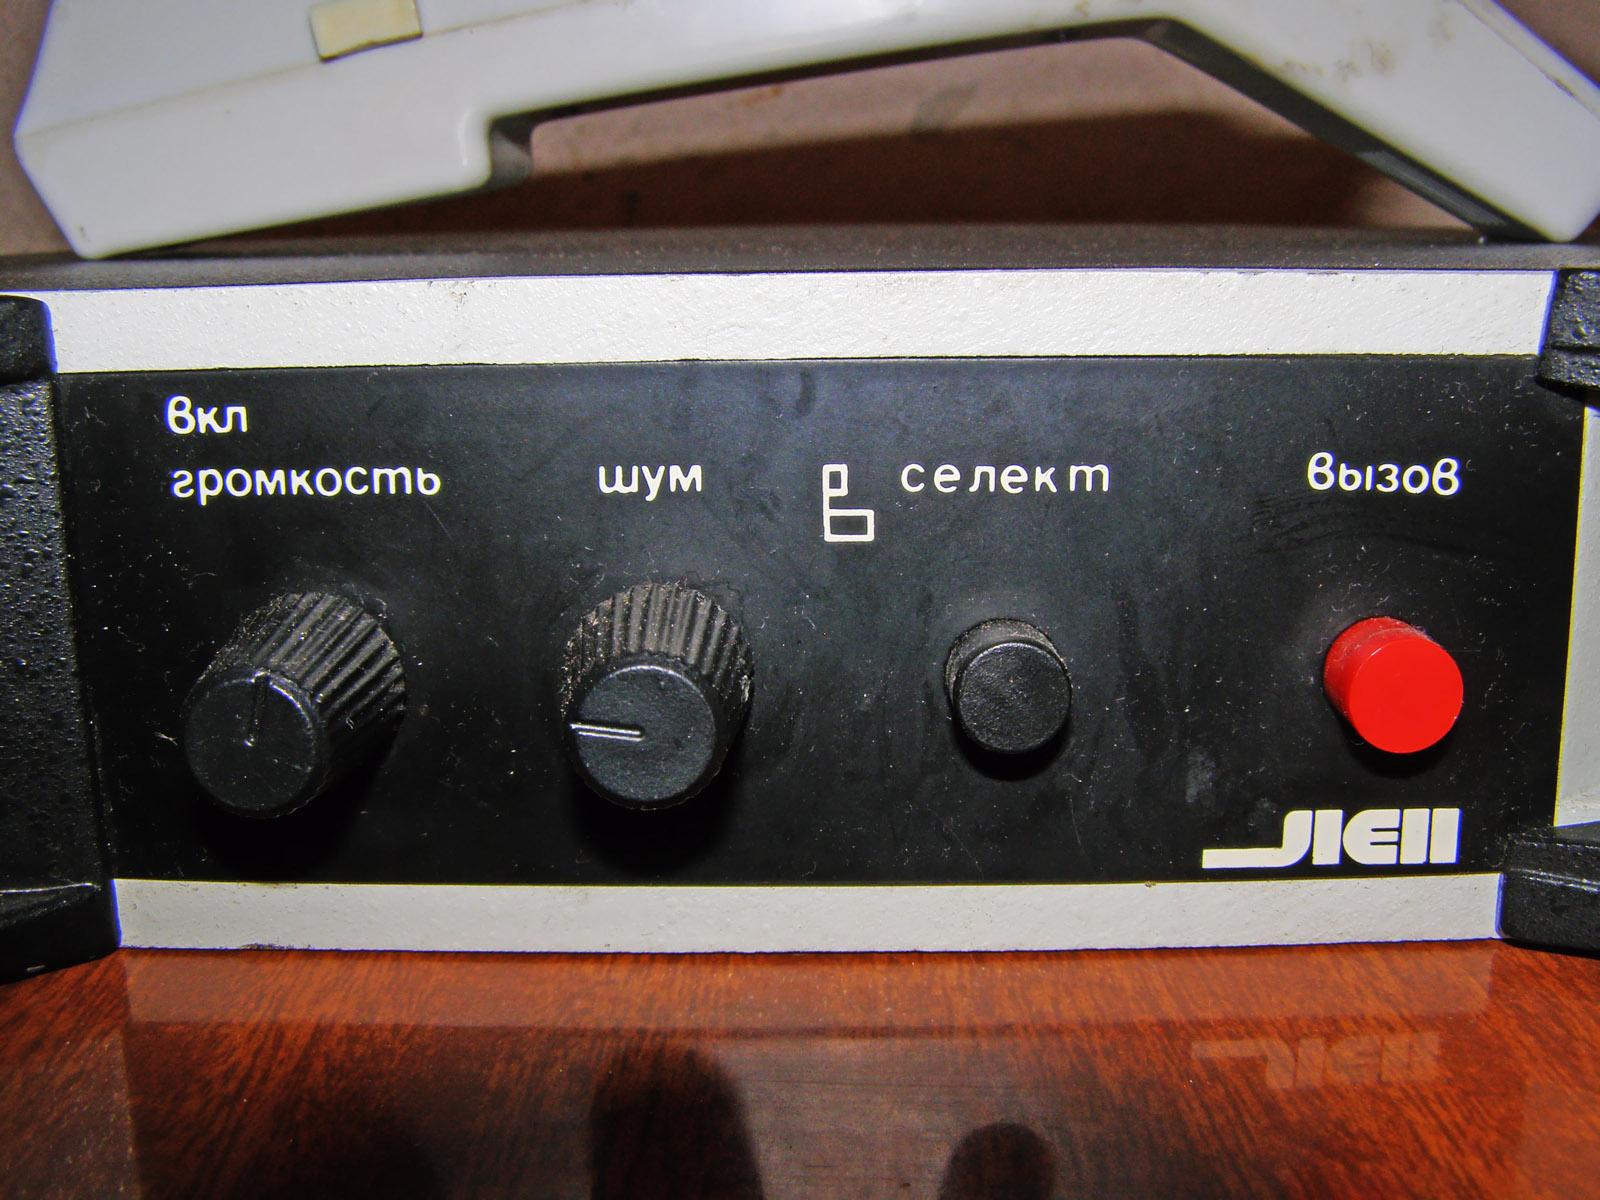 схема унч радиостанции лен